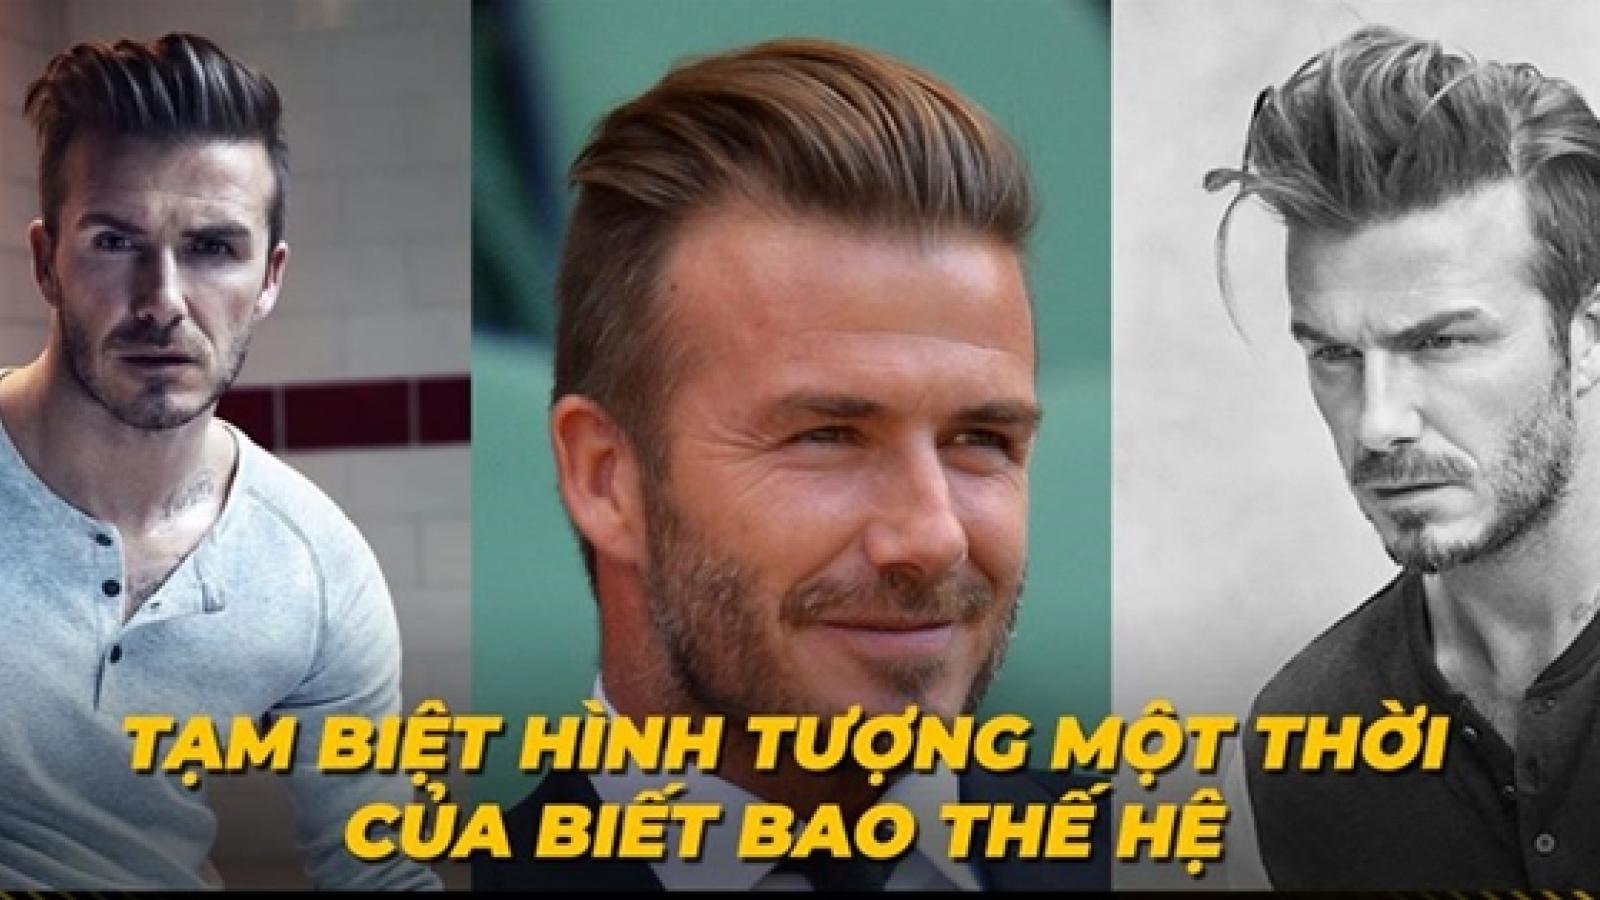 """Biếm họa 24h: """"Nam thần"""" David Beckham xuống sắc khiến NHM ngỡ ngàng"""